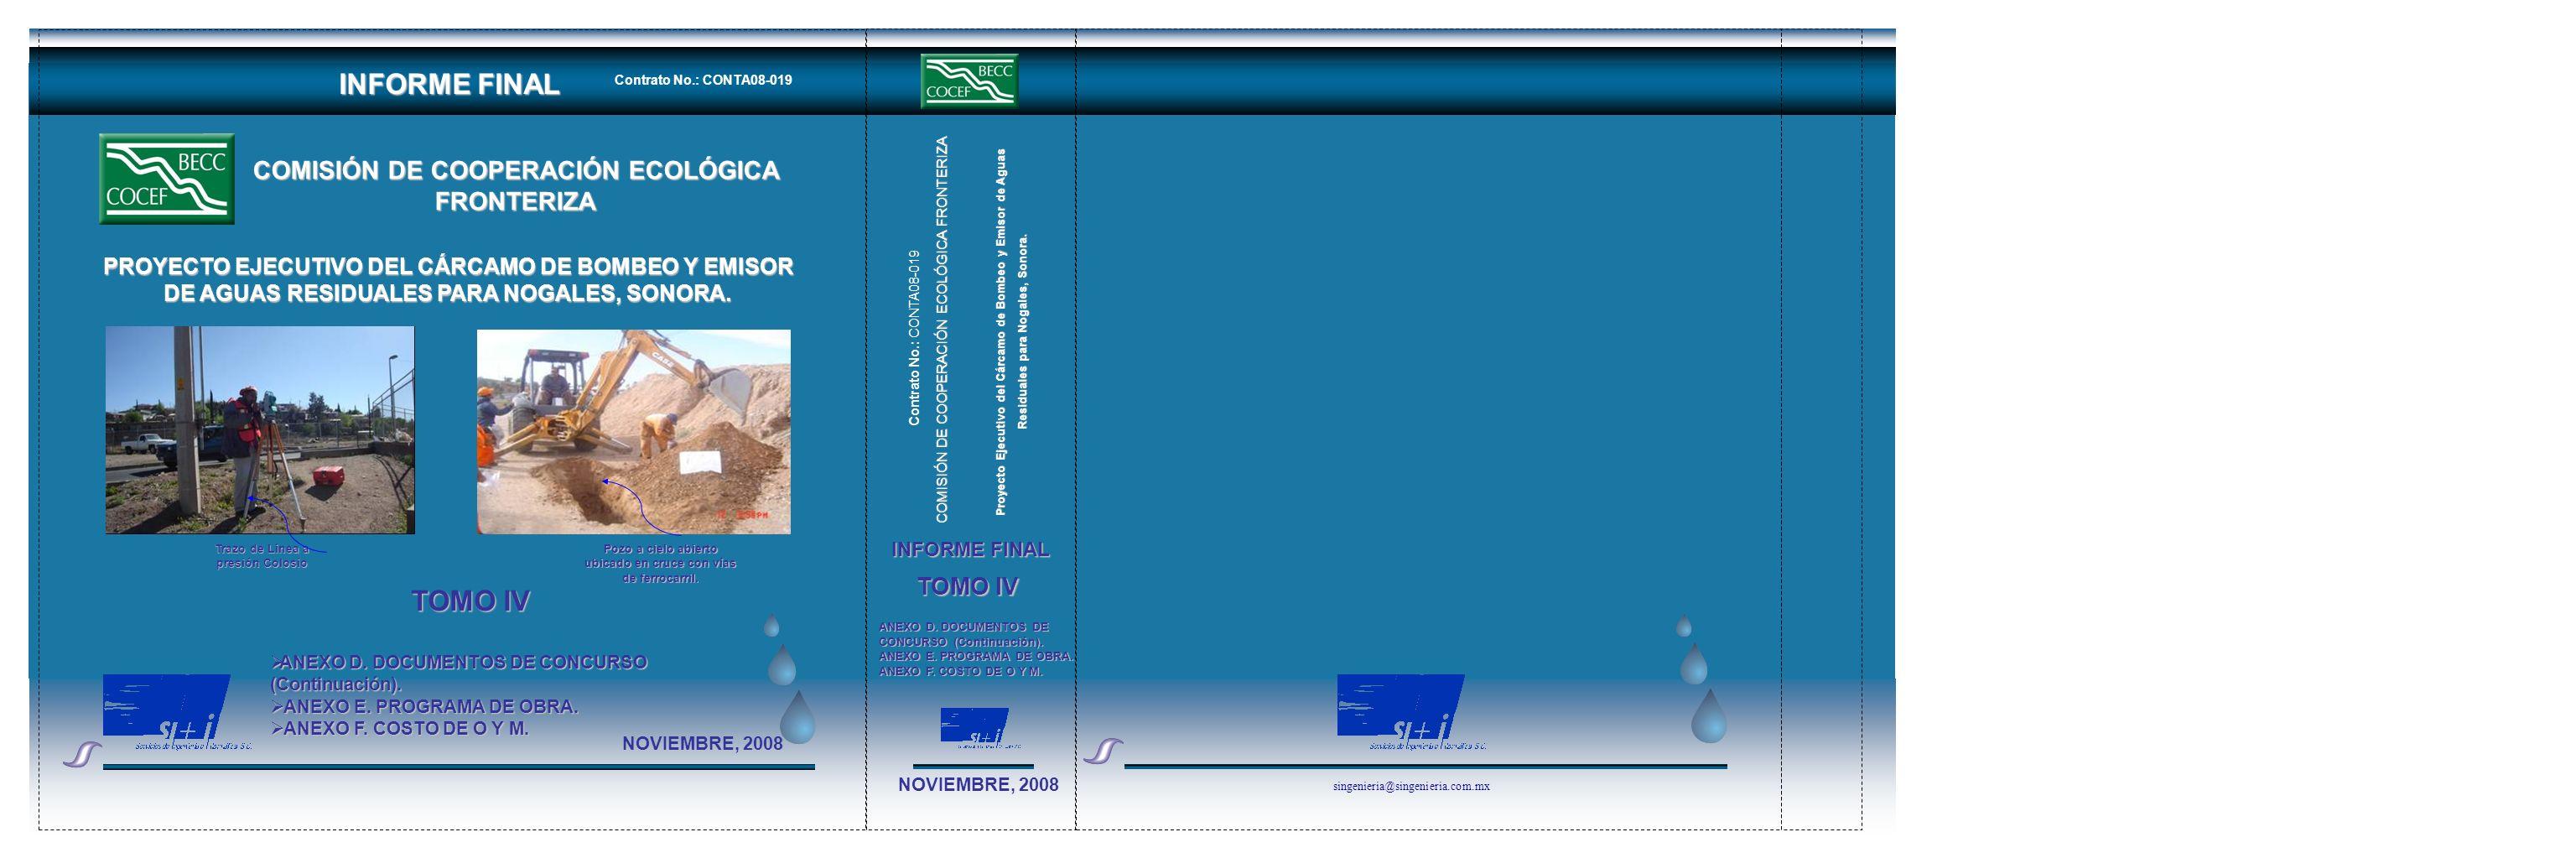 singenieria@singenieria.com.mx NOVIEMBRE, 2008 PROYECTO EJECUTIVO DEL CÁRCAMO DE BOMBEO Y EMISOR DE AGUAS RESIDUALES PARA NOGALES, SONORA. COMISIÓN DE